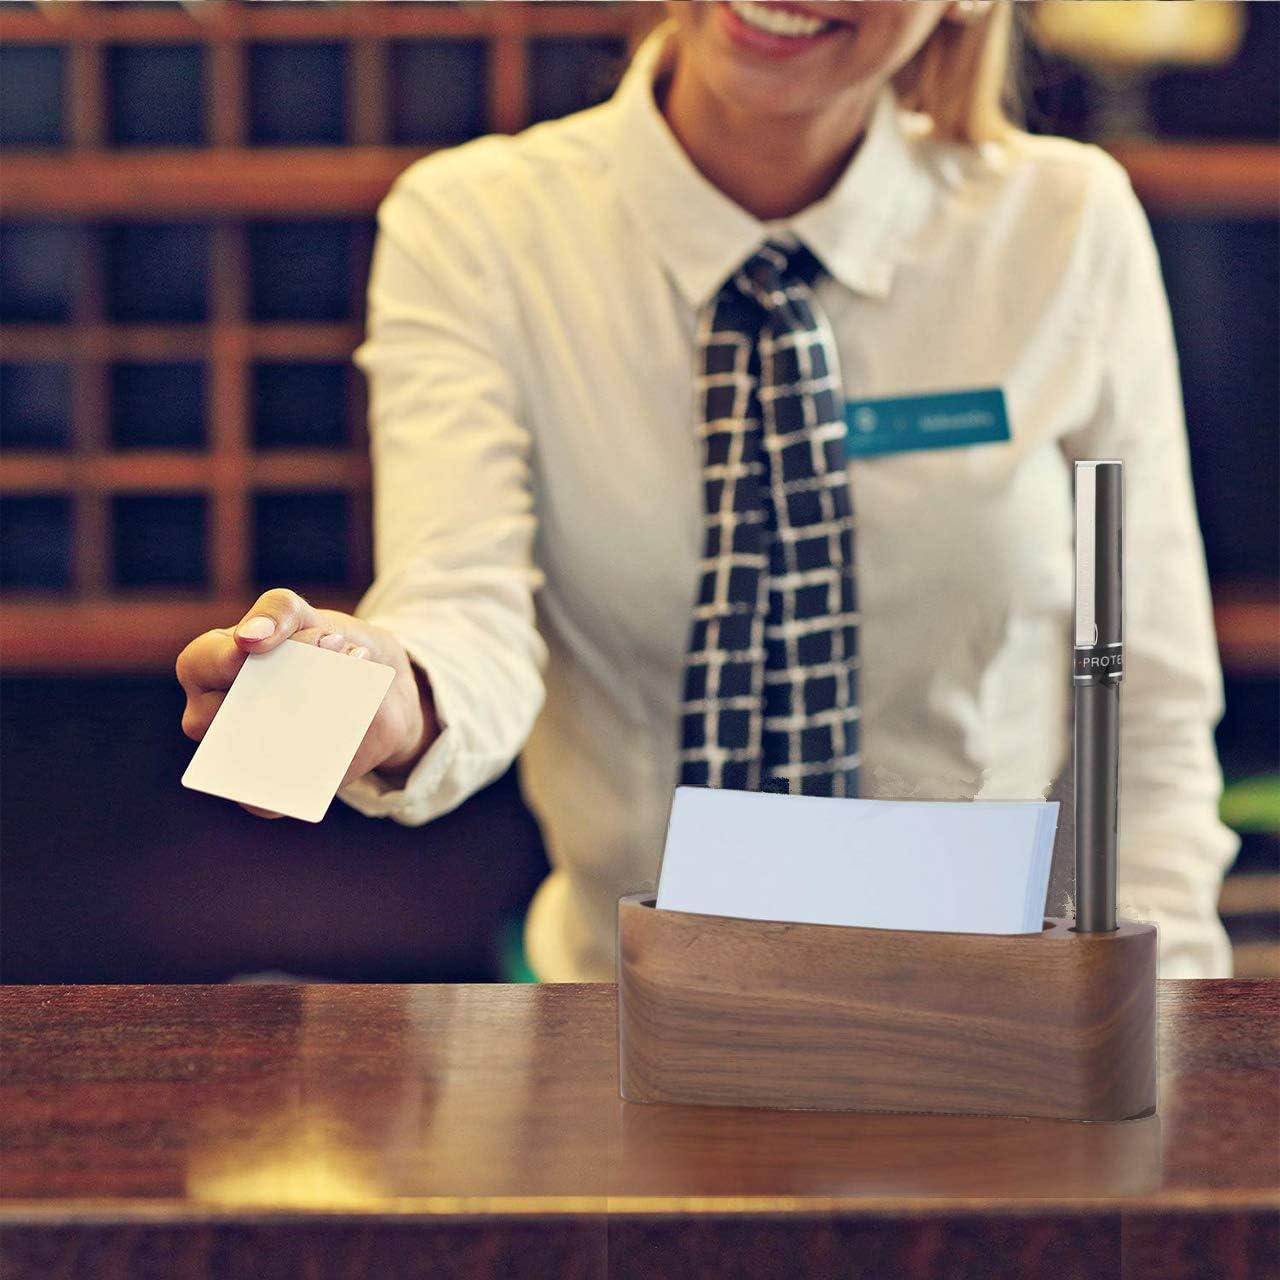 Visitenkarten und Gru/ßkarten Visitenkartenetui aus Holz,Aufbewahrungsbox f/ür Visitenkartenhalter,Visitenkarten Aufbewahrungsbox in Schwarzer Walnussfarbe,f/ür B/üroarbeit